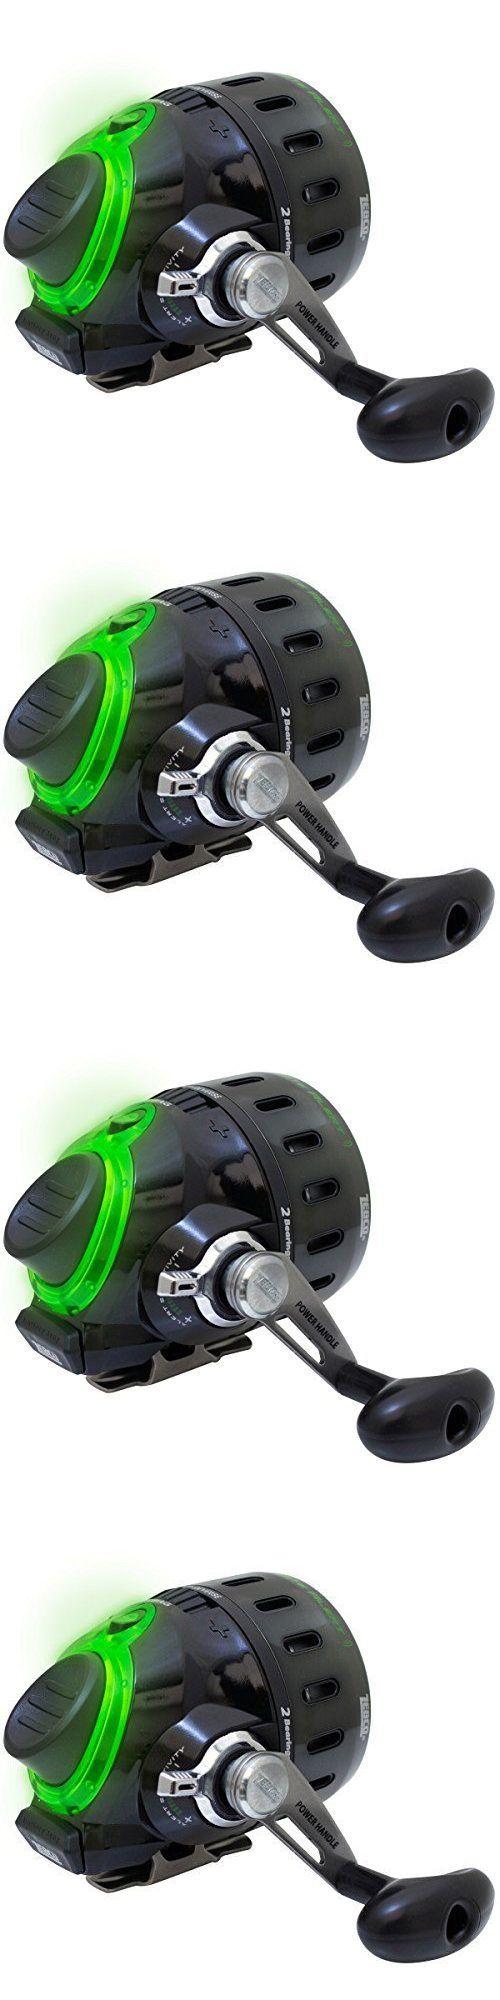 Spincasting Reels 108154: Zebco Bite Alert Reel Spincast Reel, Spin-Cast -> BUY IT NOW ONLY: $52.01 on eBay!